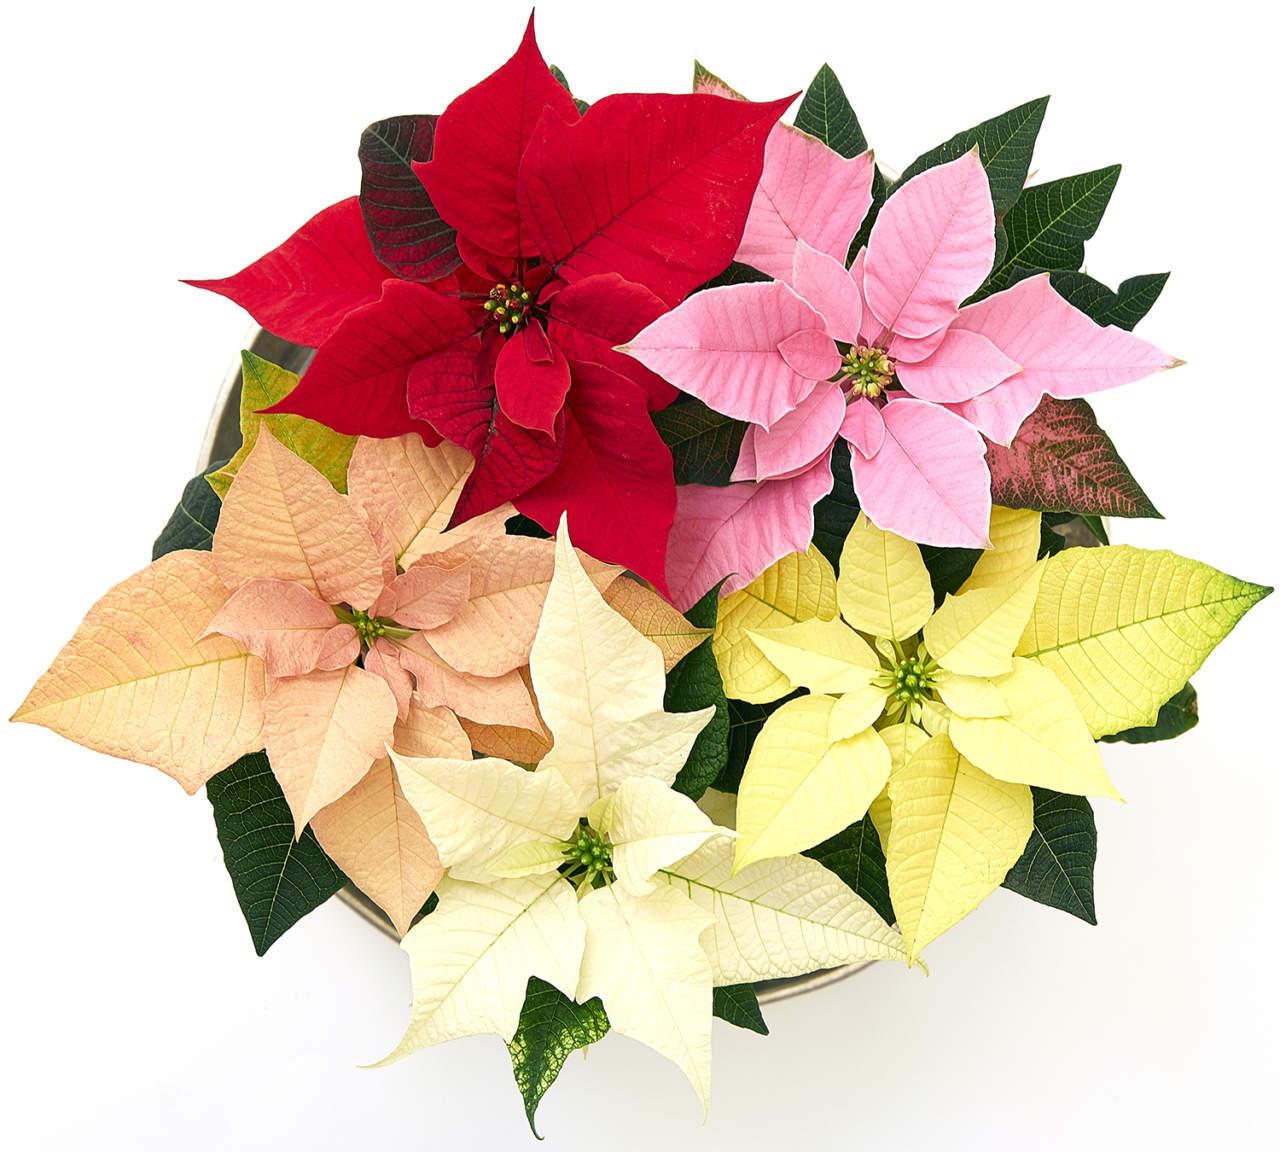 Stella Di Natale Fiore.Poinsettia Meglio Nota Come Stella Di Natale Un Fiore Un